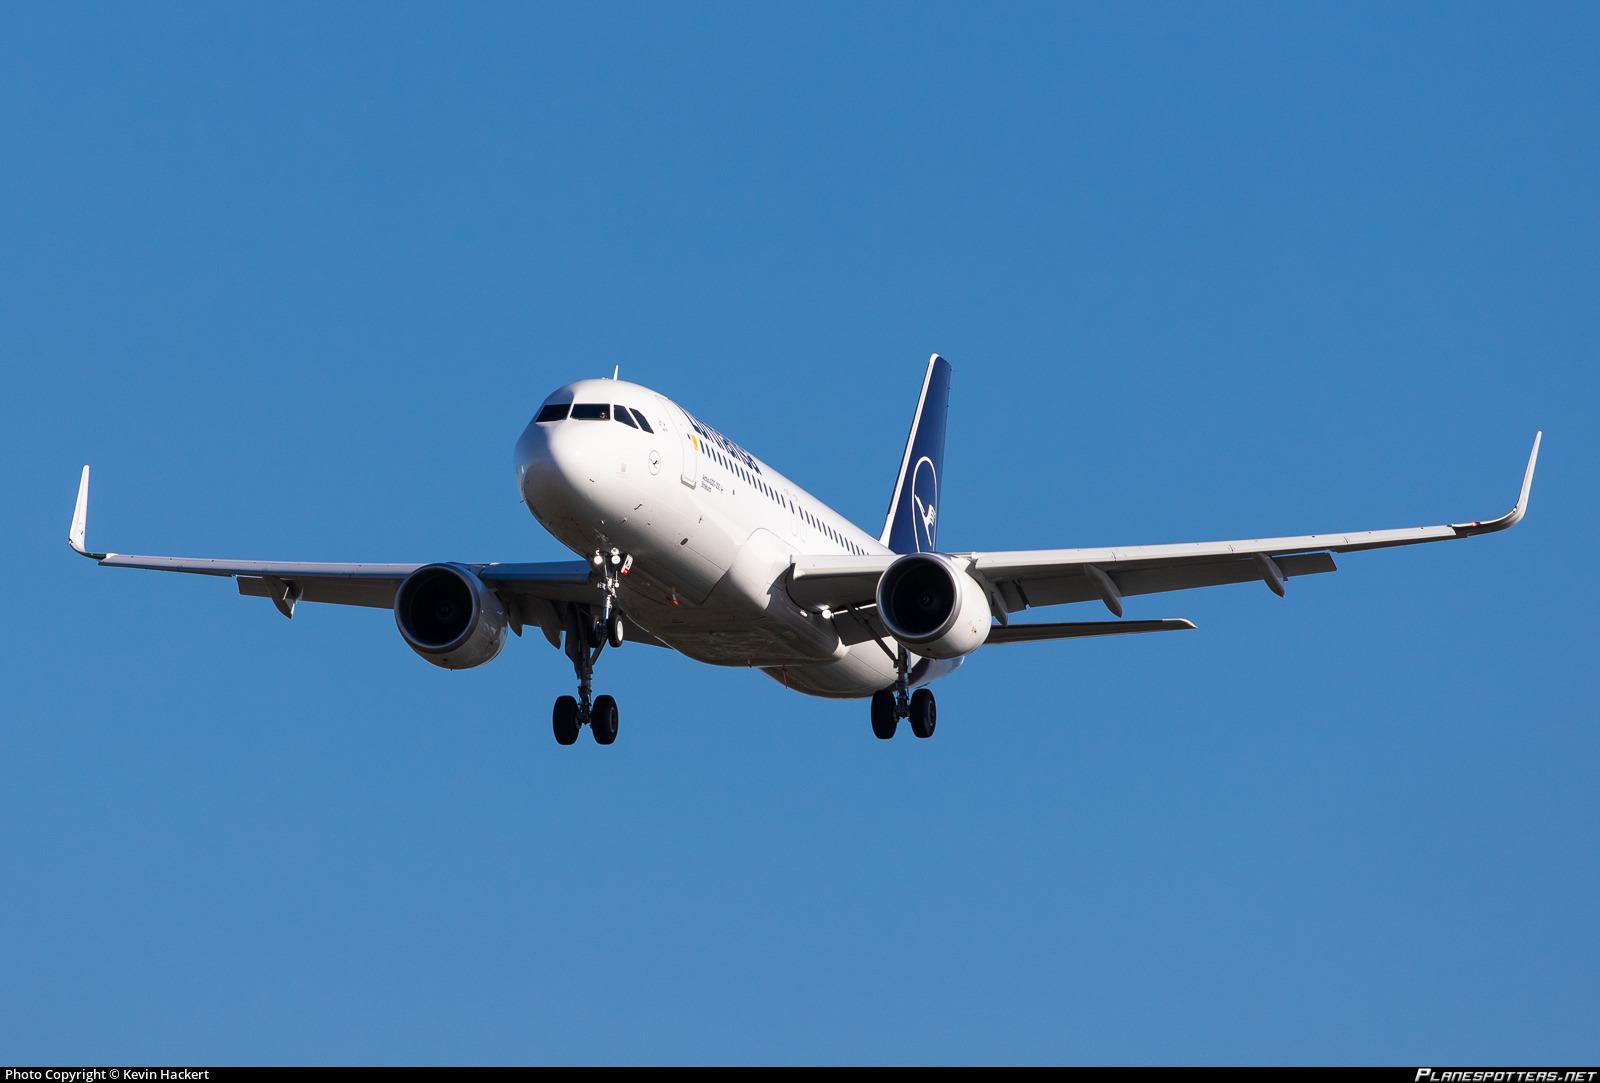 d-aiwj-lufthansa-airbus-a320-214wl_Plane